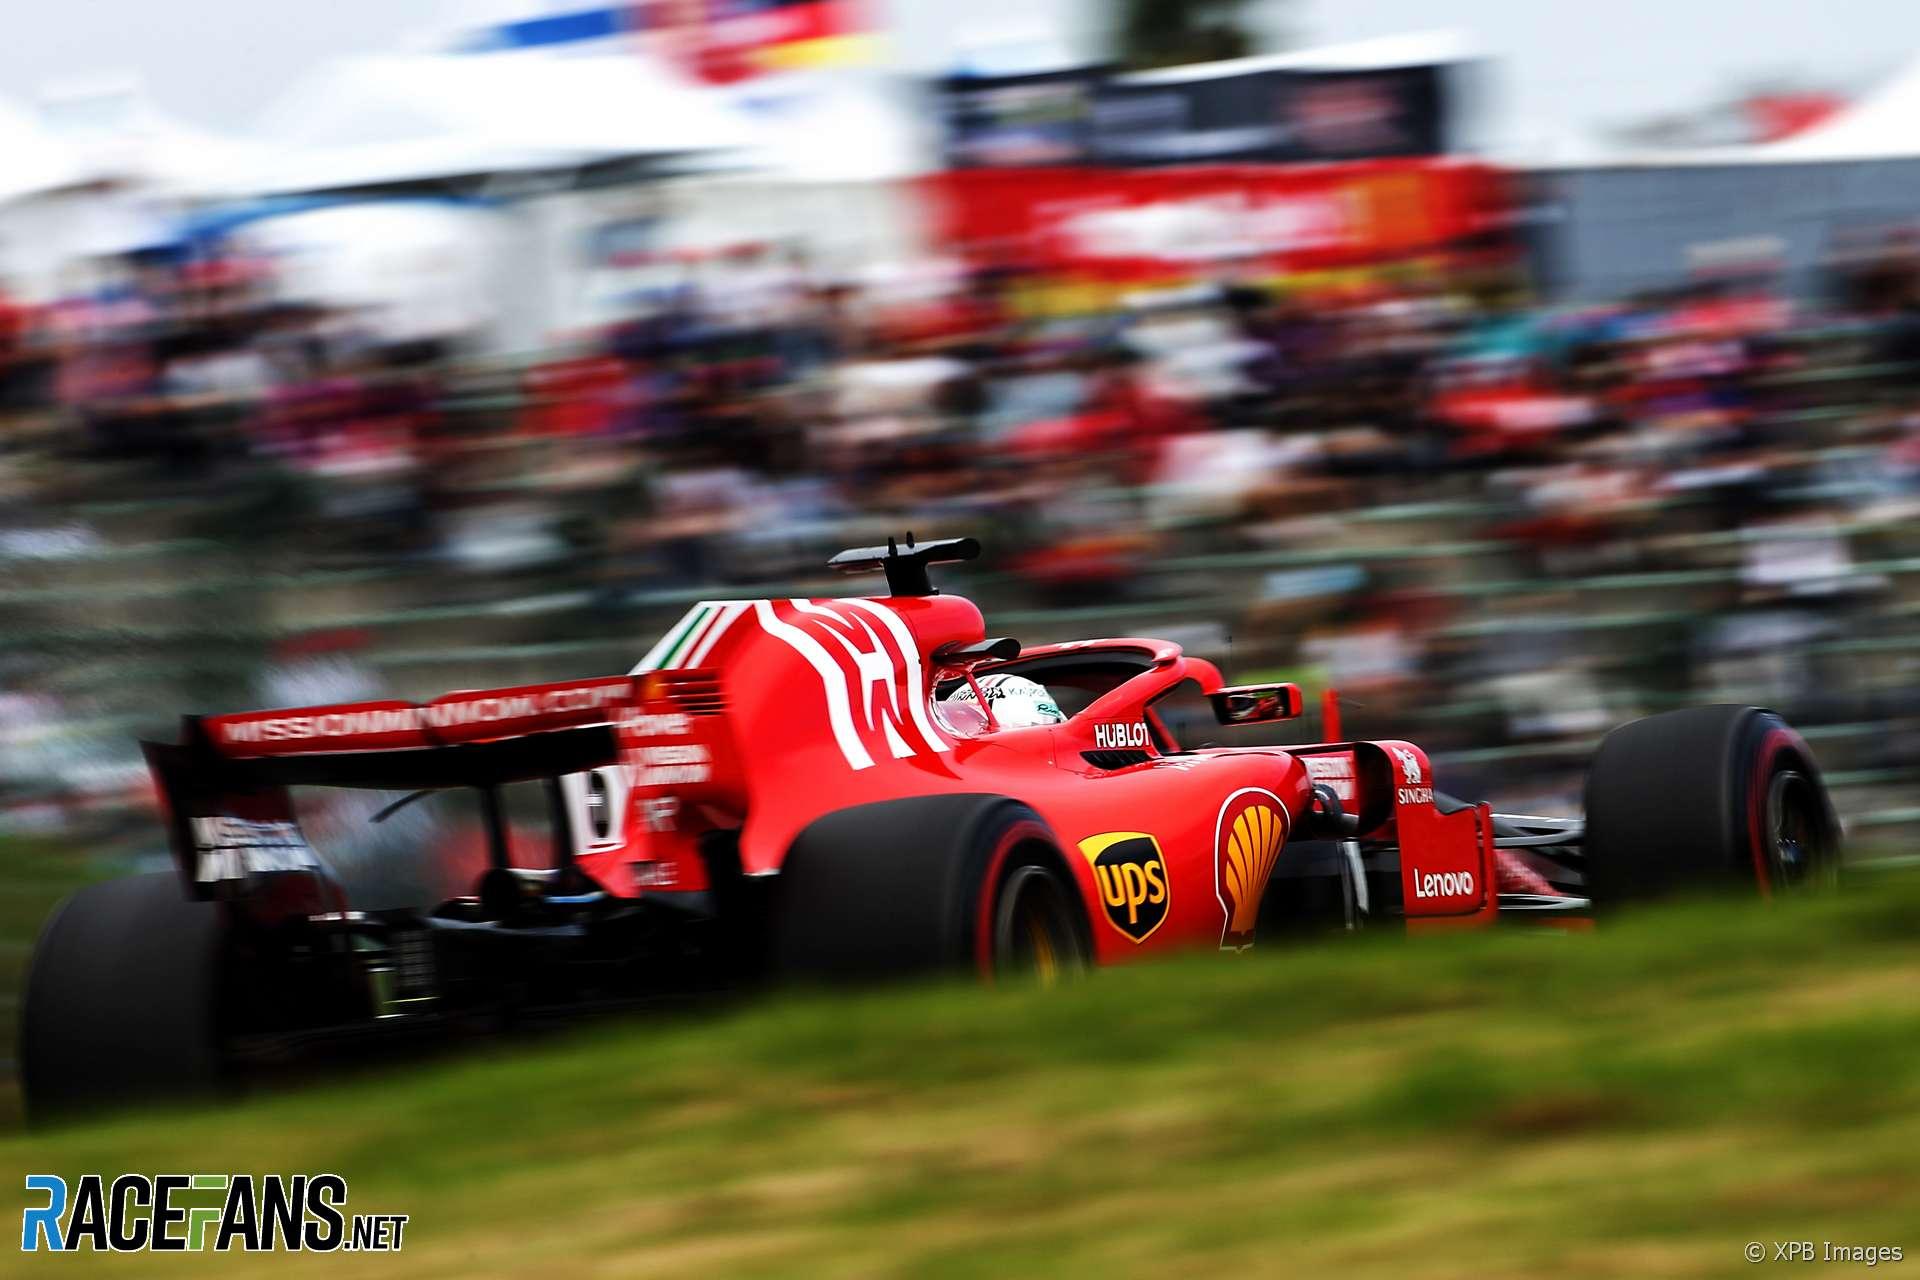 Sebastian Vettel, Ferrari, Suzuka, 2018